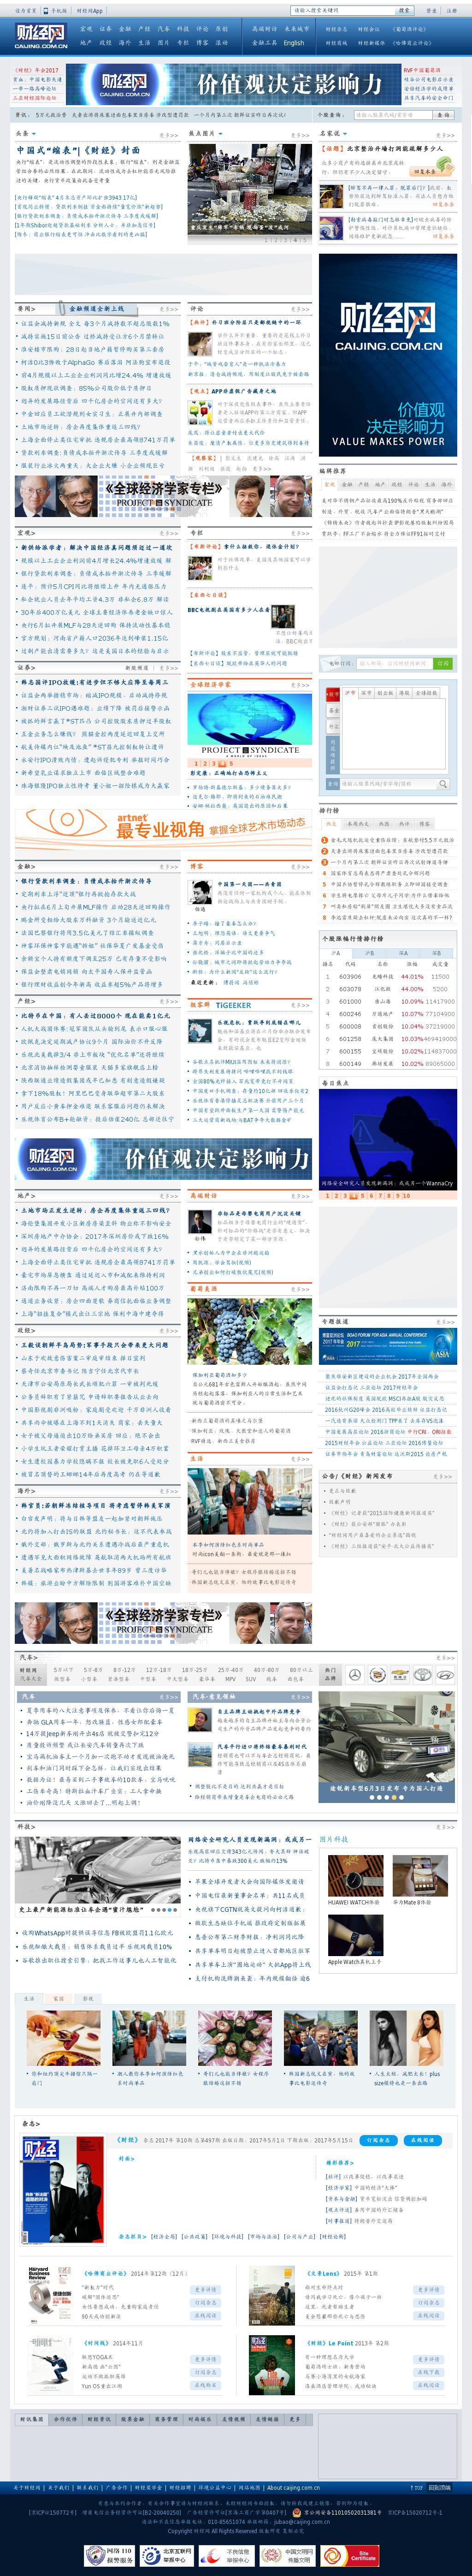 Caijing at Tuesday May 30, 2017, 5:02 a.m. UTC